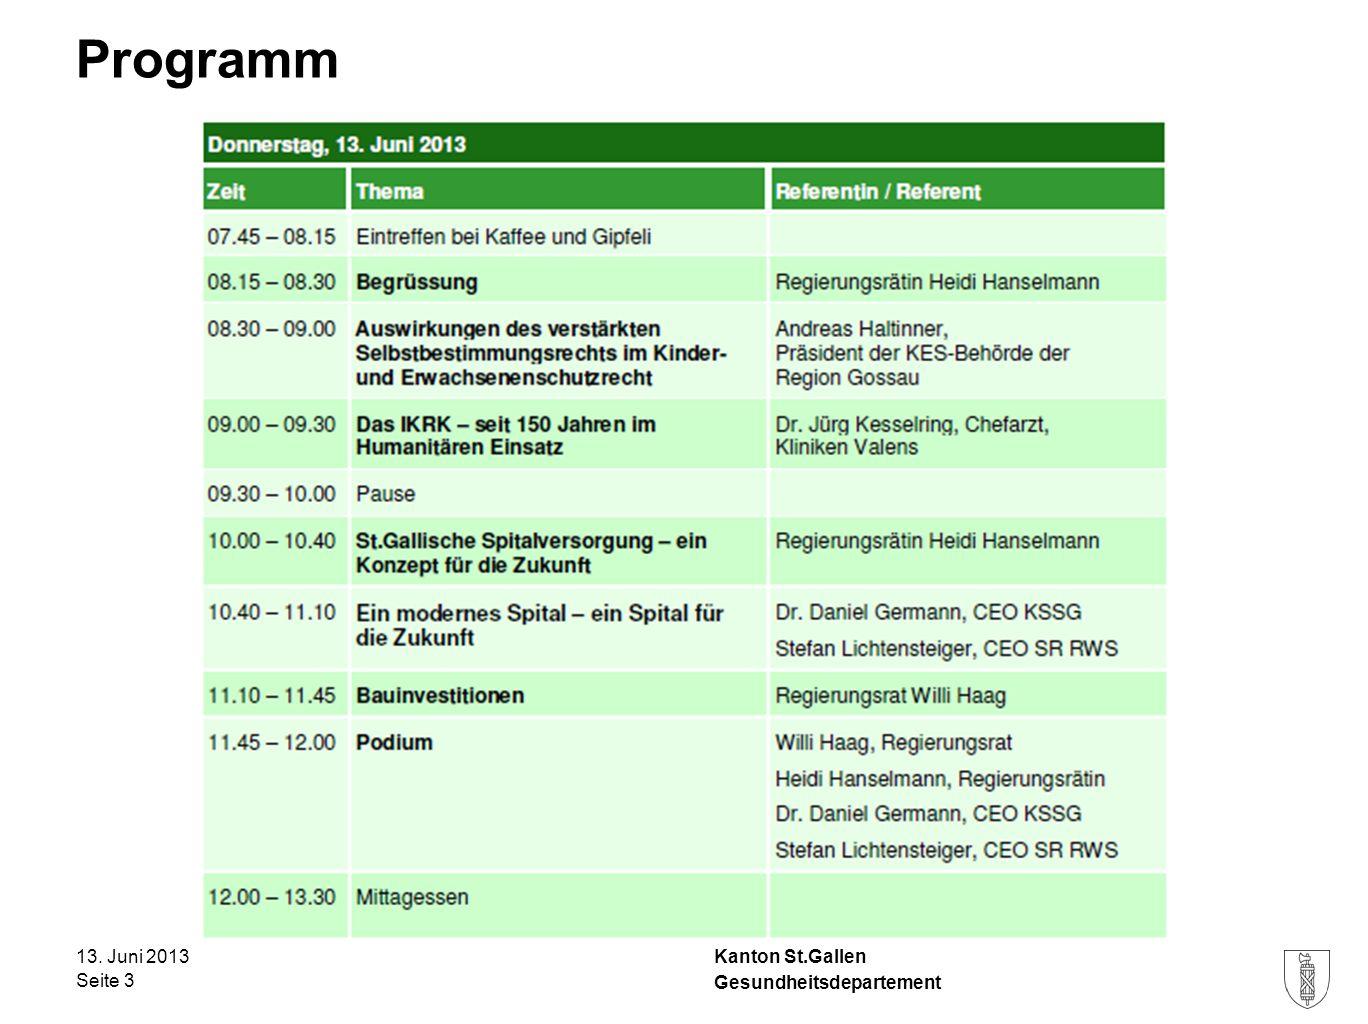 Kanton St.Gallen Programm 13. Juni 2013 Seite 3 Gesundheitsdepartement